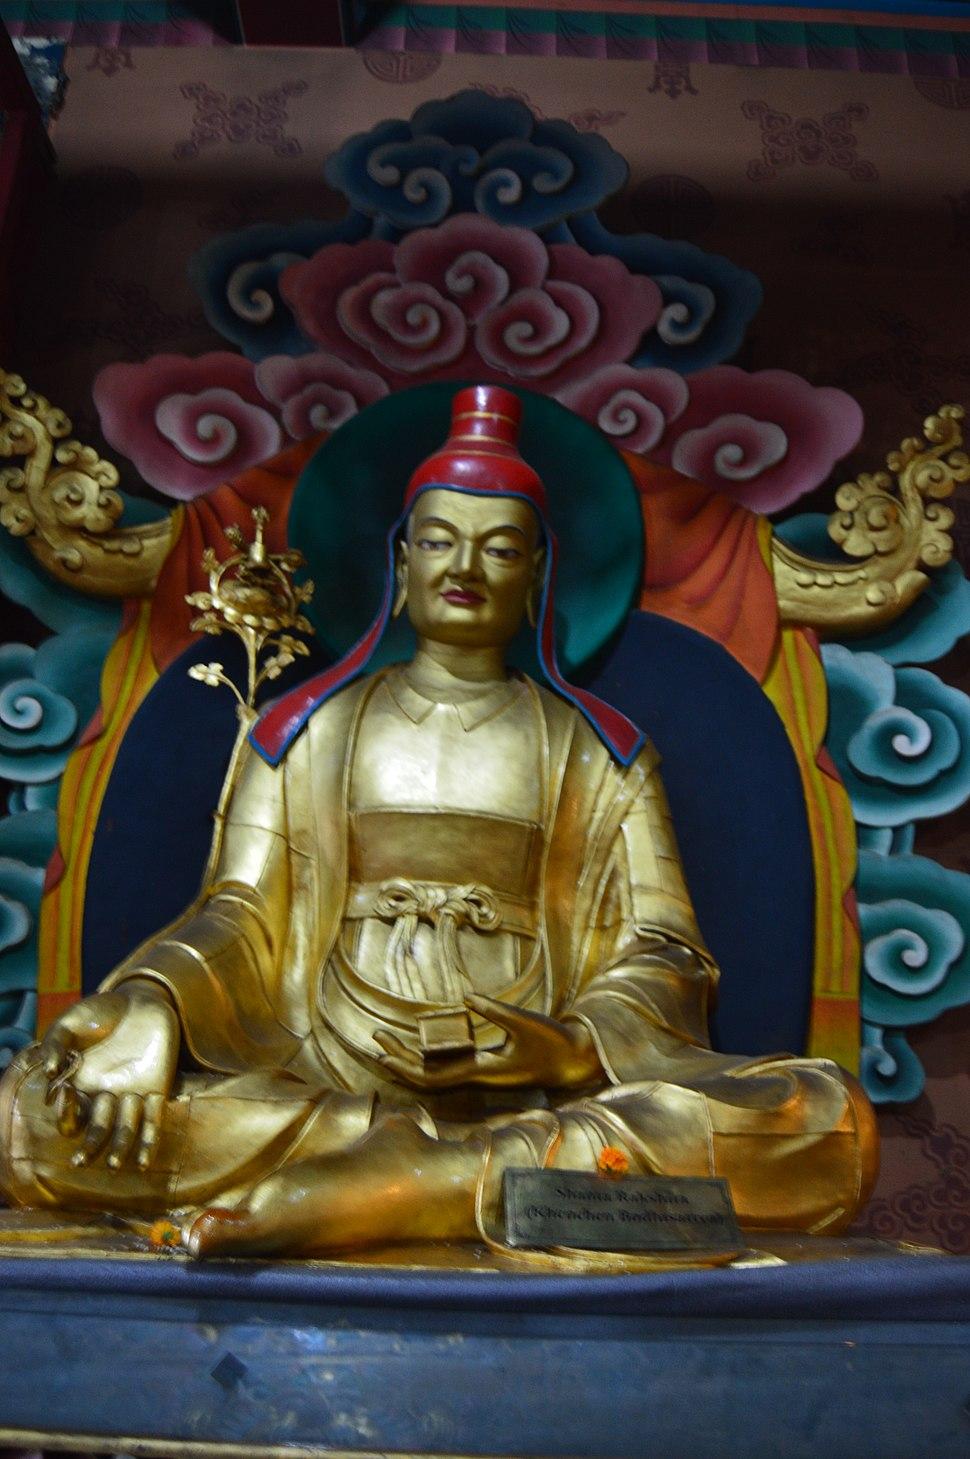 Shanta Rakshita (khenchen Bodivasatva)